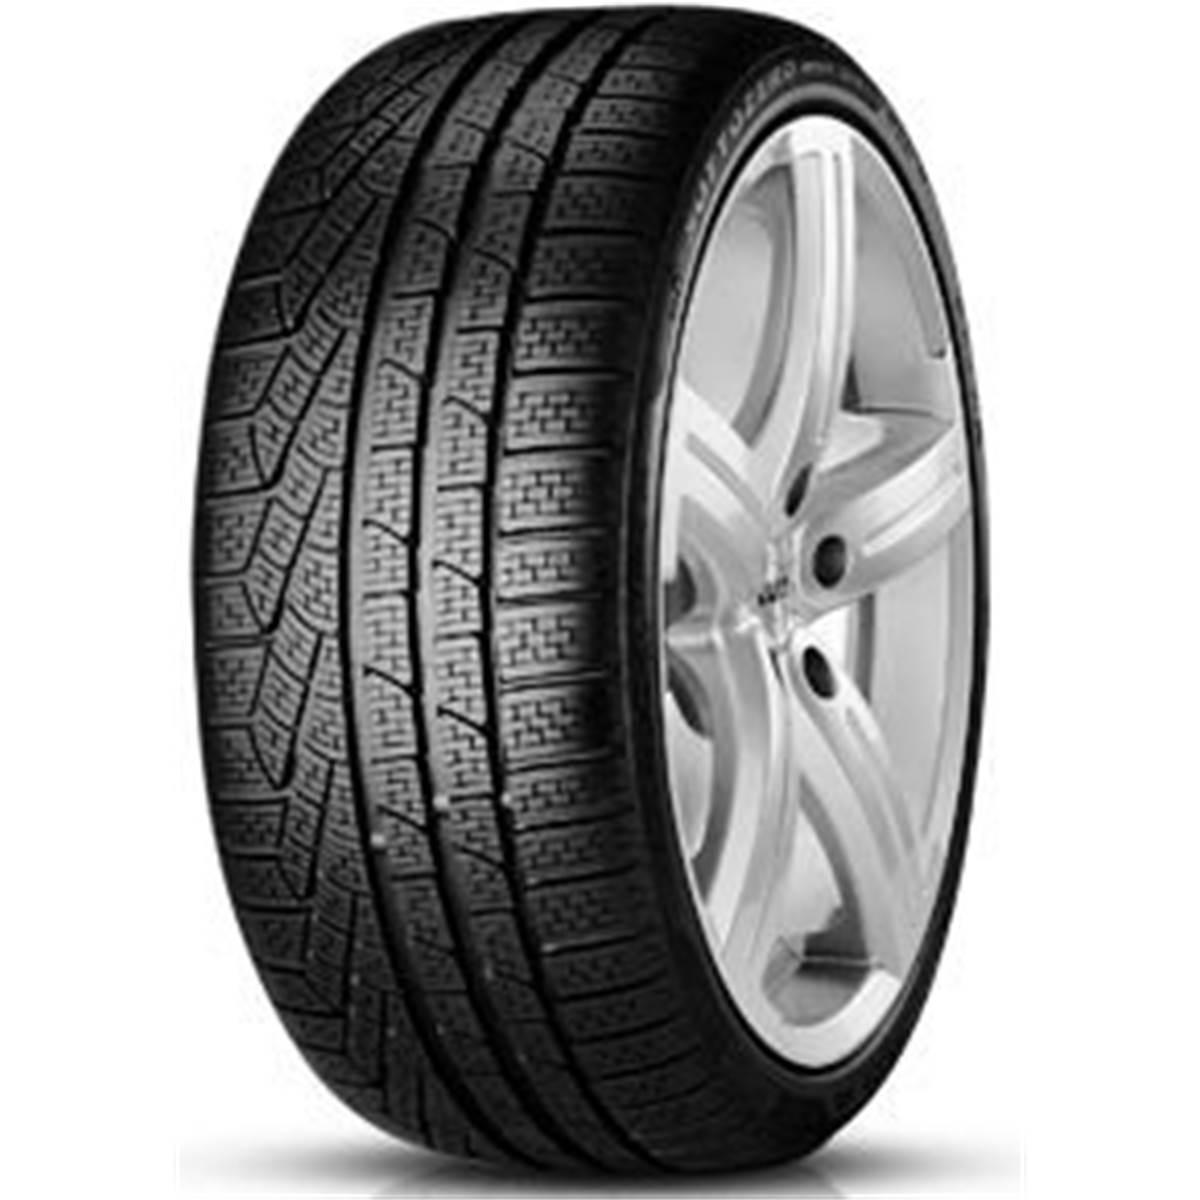 Pneu Hiver Pirelli 225/50R17 94H Winter 210 Sottozero Ii